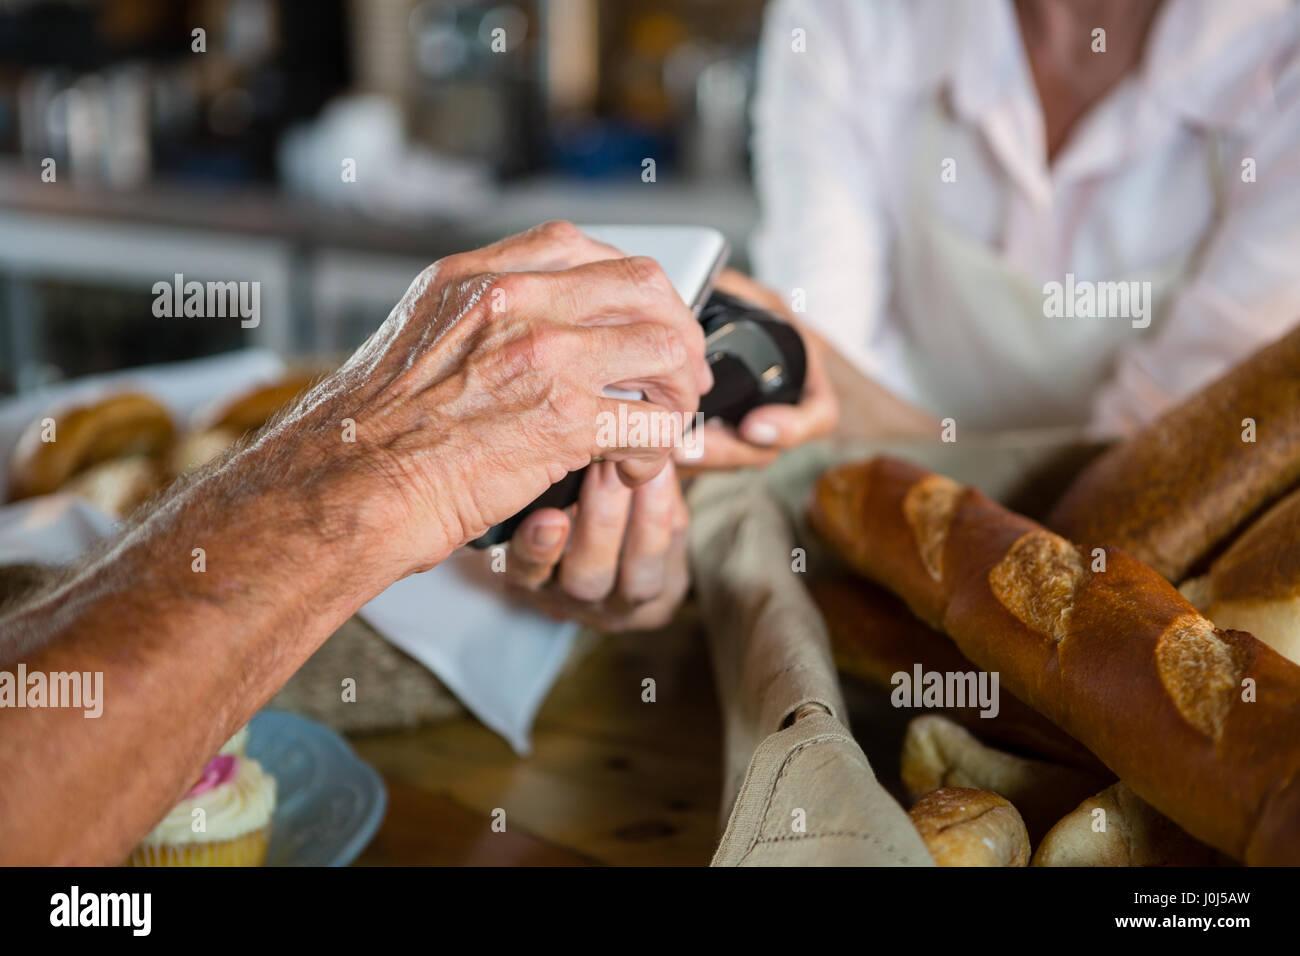 Il cliente effettuando il pagamento attraverso la tecnologia NFC sul telefono cellulare in café Immagini Stock